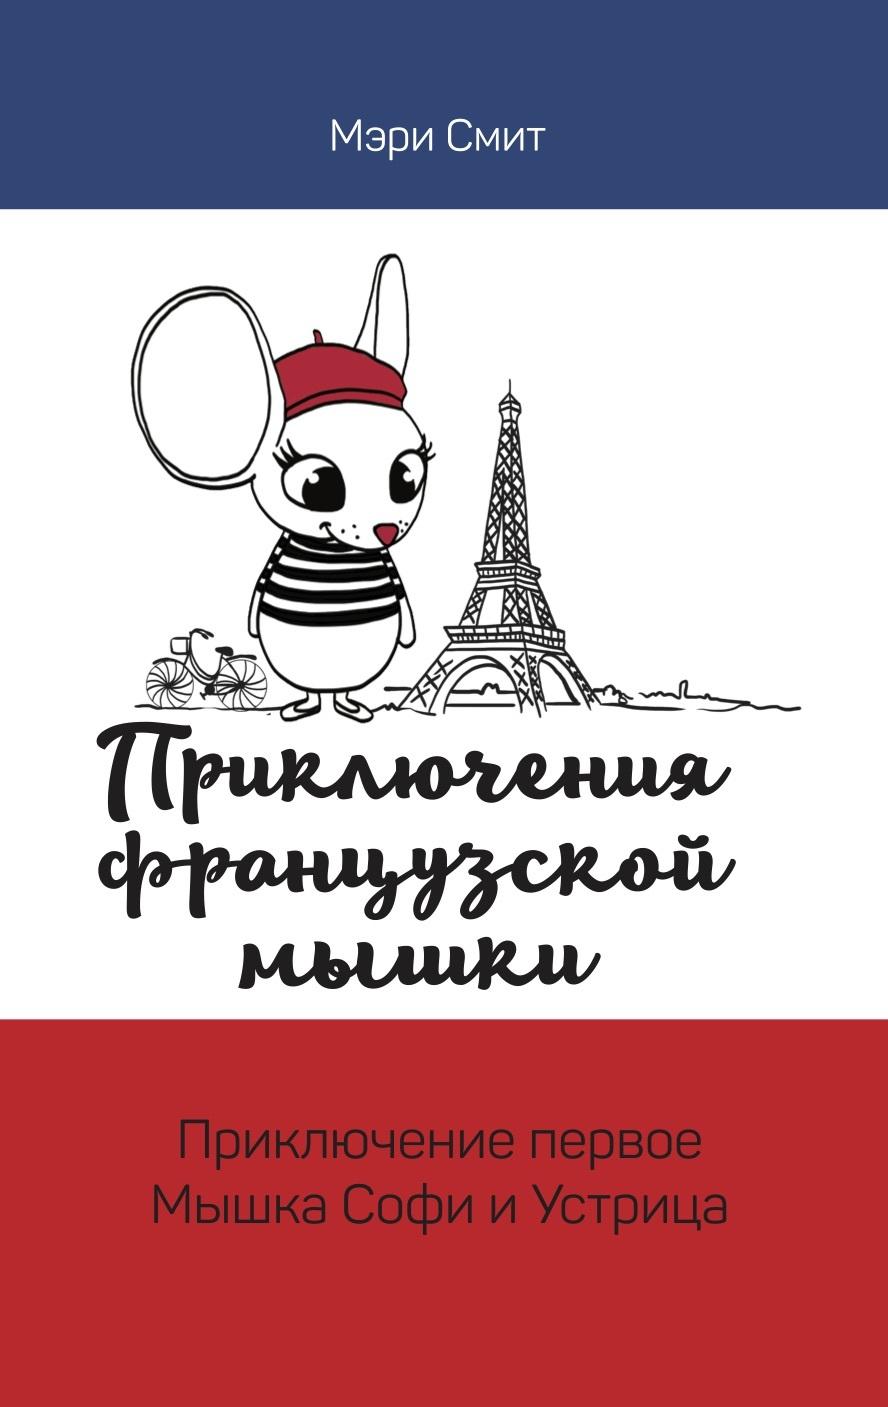 Мэри Смит Приключения французской мышки. Мышка Софи и Устрица доди смит новые приключения далматинцев